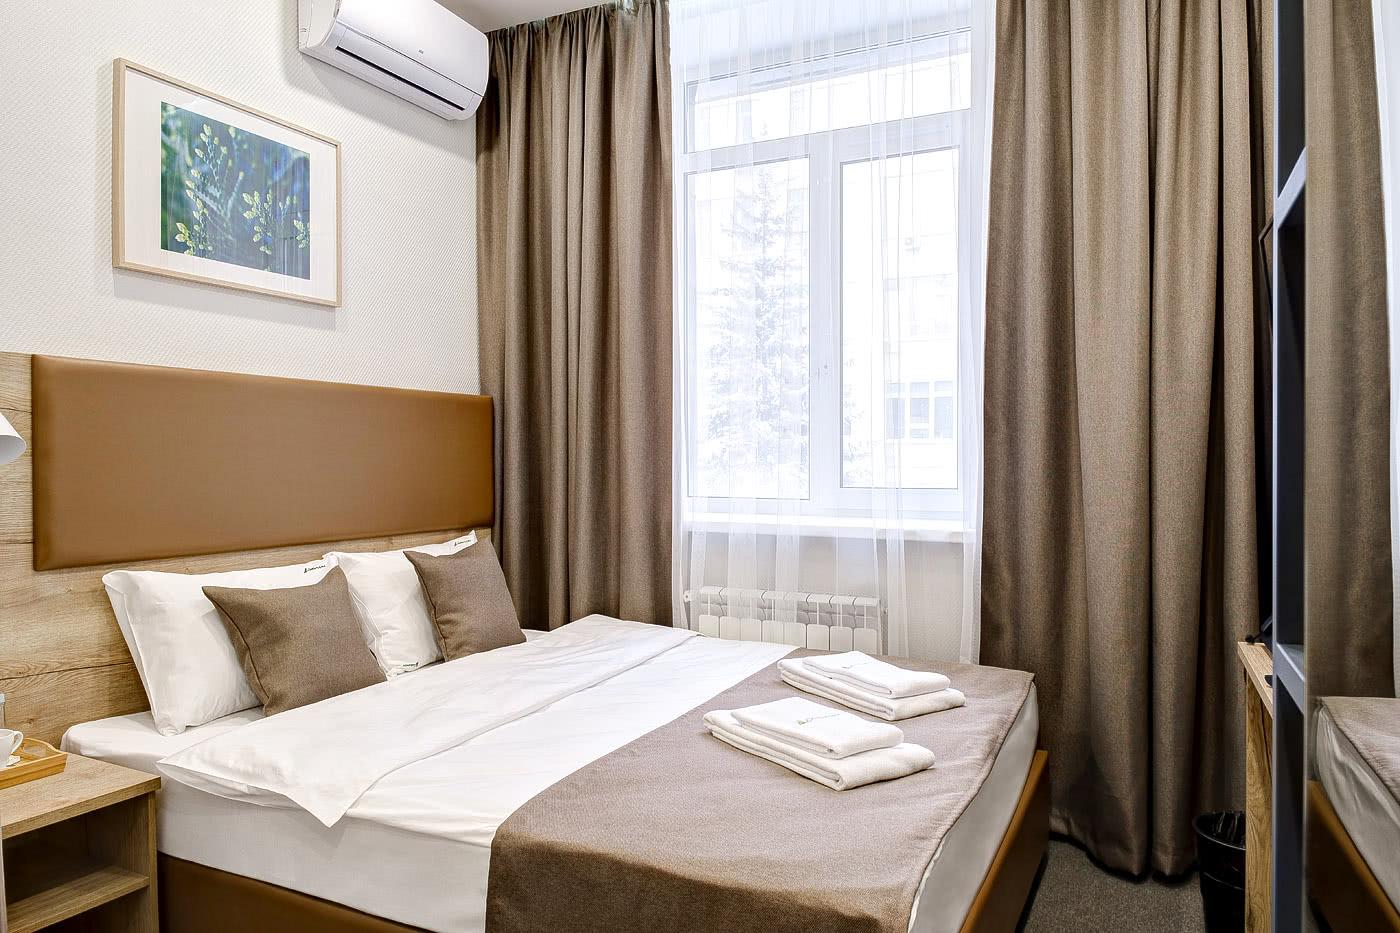 отель недорого Москва